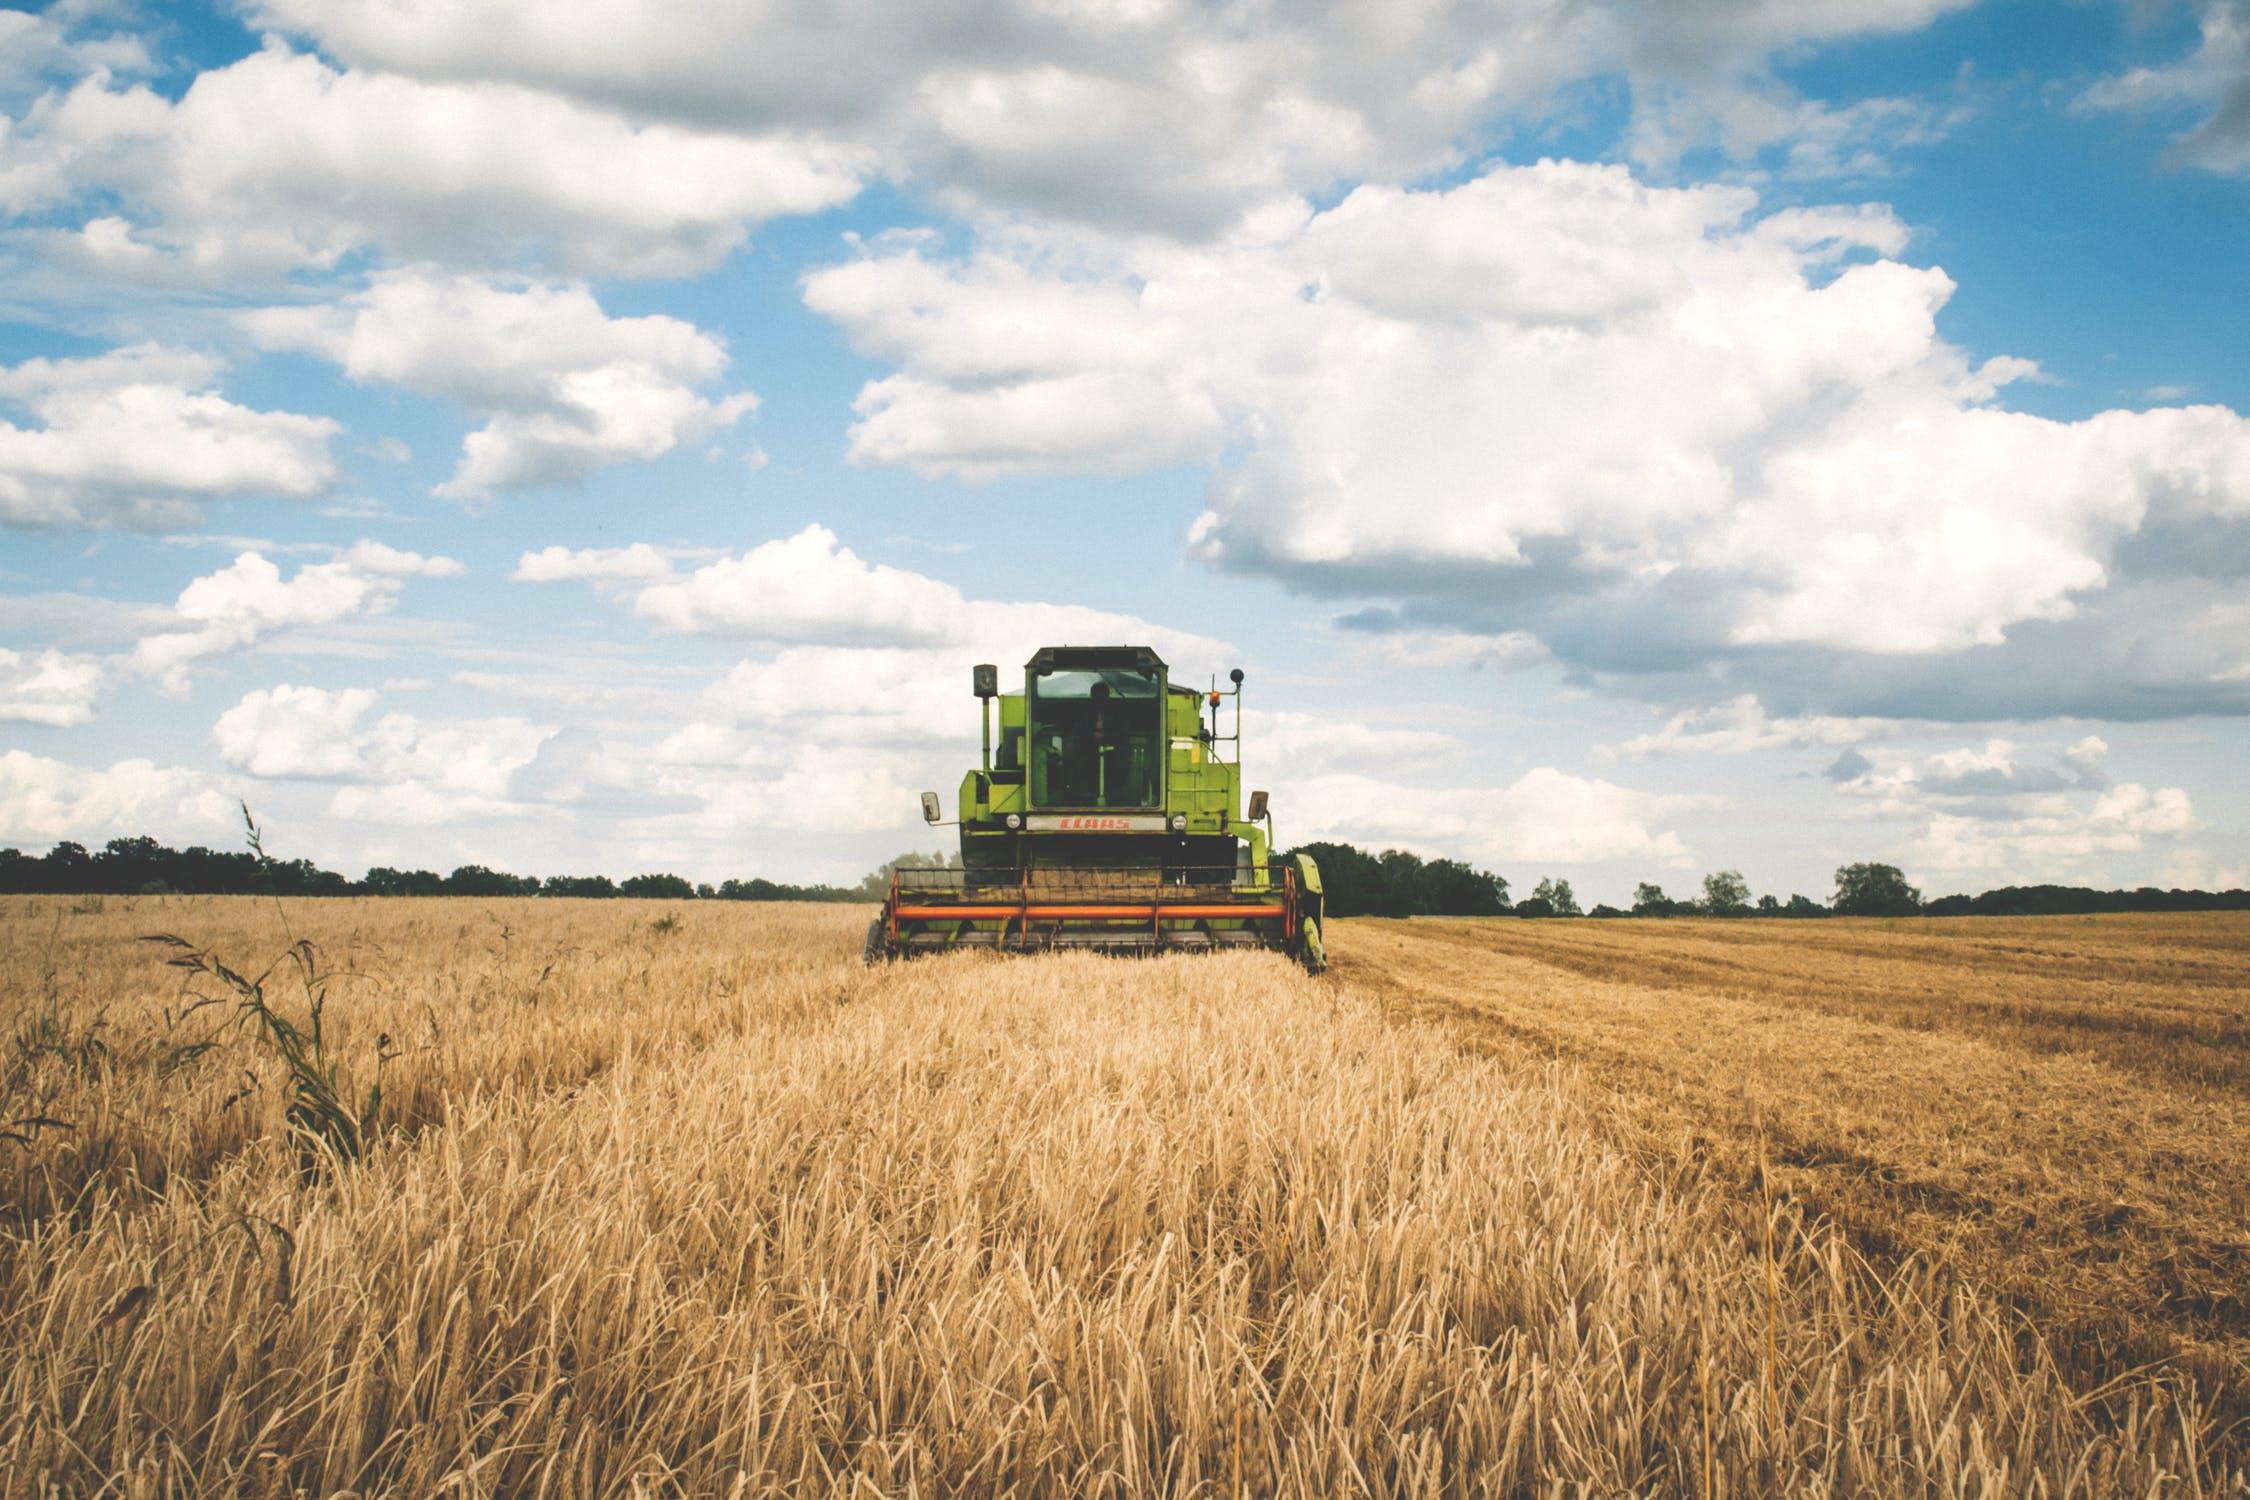 Storia dell'invenzione del primo mietitore meccanico, inventato da Cyrus McCormik. Brevetto che ha rivoluzionato il mercato agricolo e che ha dato il via all'agricoltura moderna.